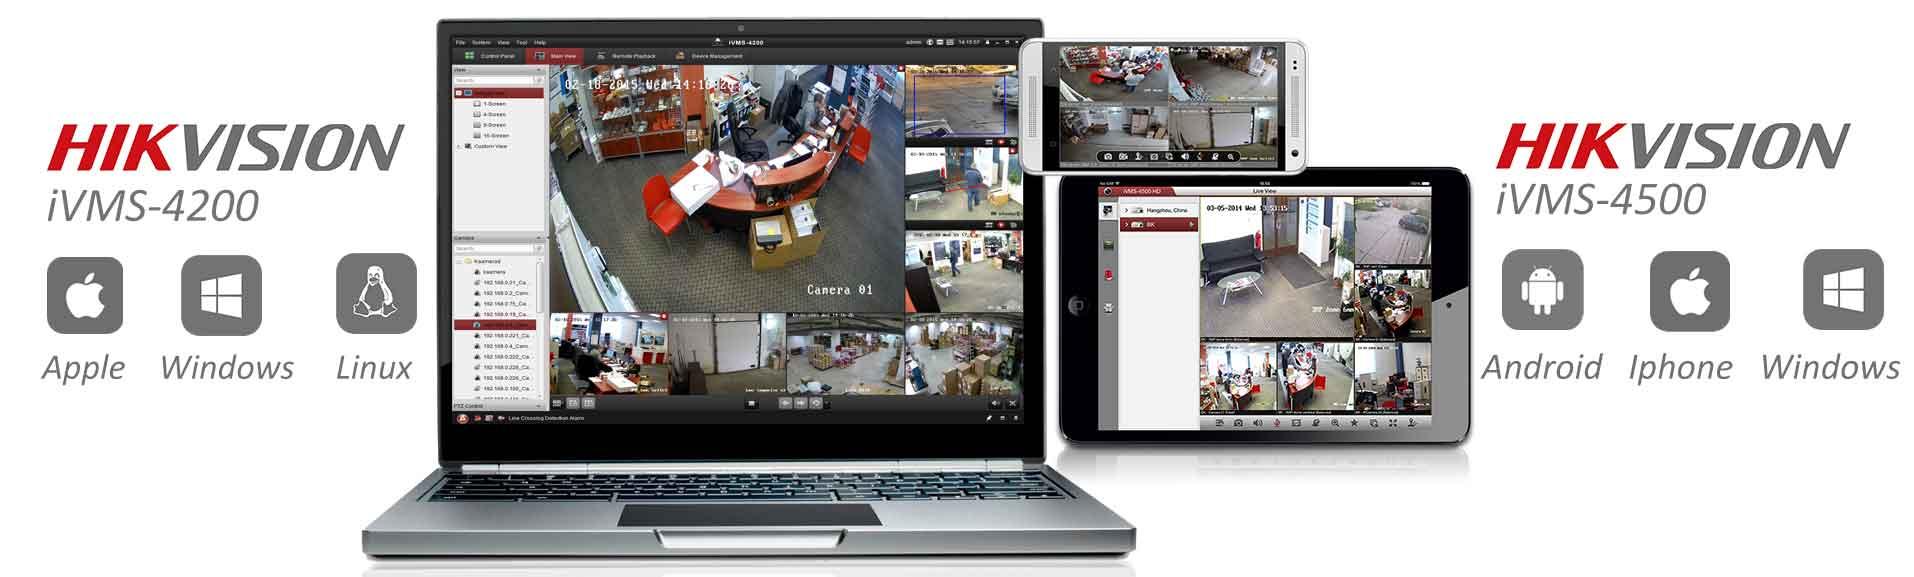 Tải phần mềm SADPTool xem camera Hikvision trên máy tính